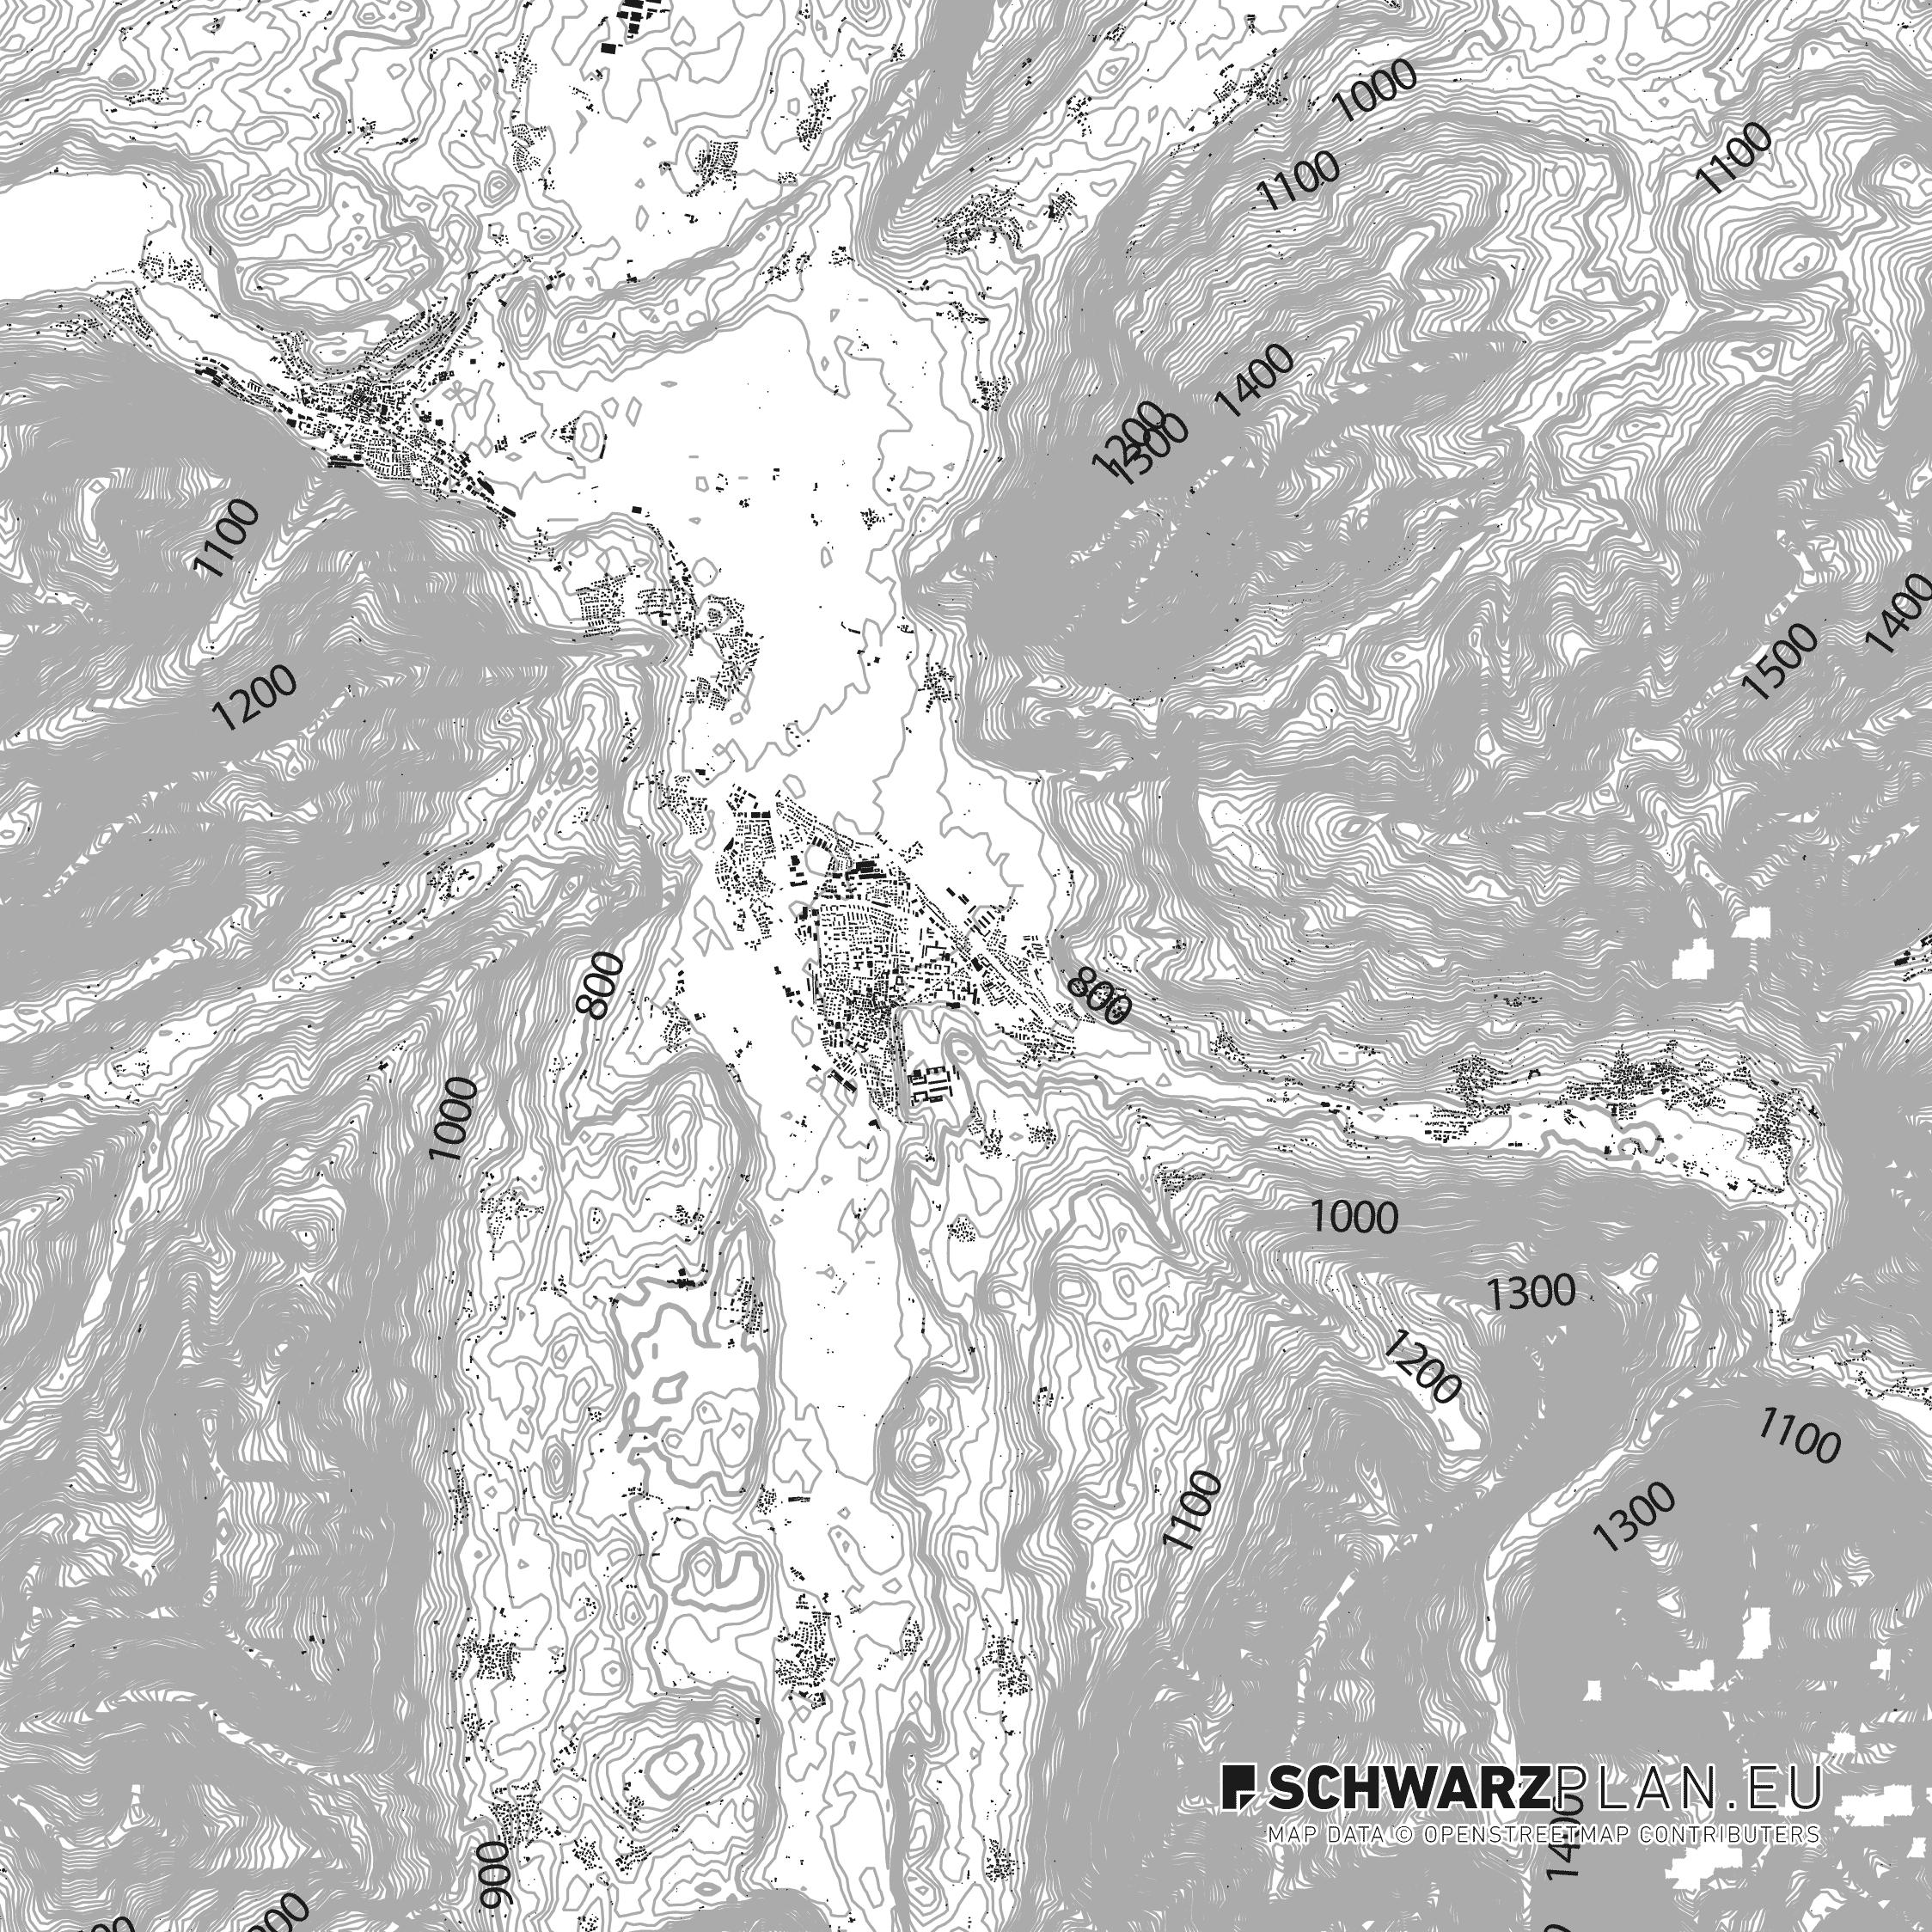 Schwarzplan von Sonthofen, Immenstadt & Oberstdorf